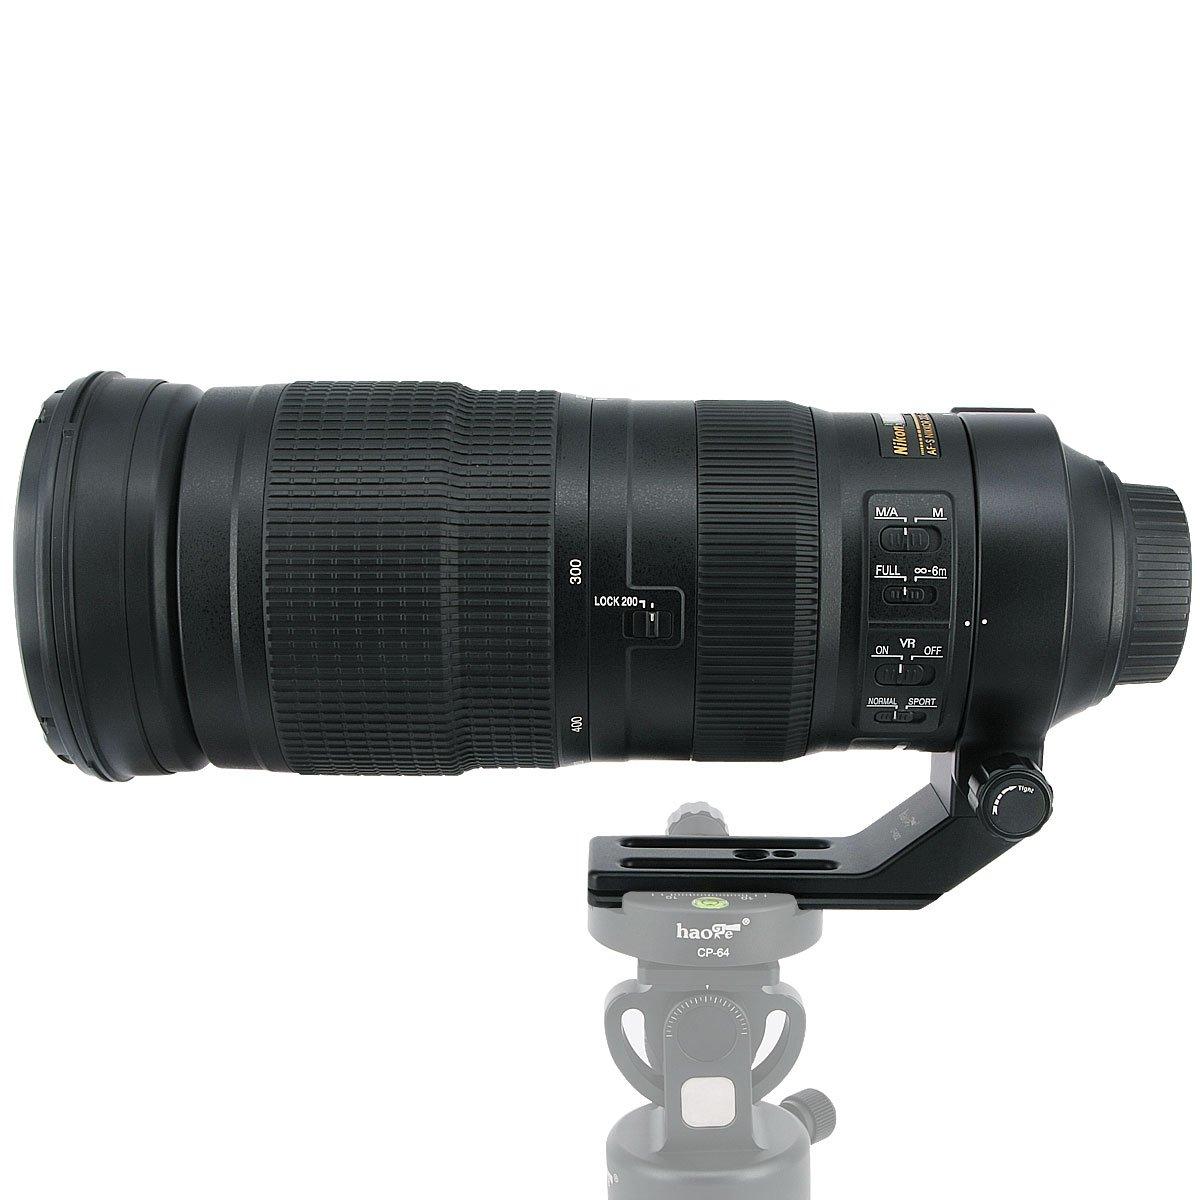 haoge lf-n25z lente collar pie trípode anillo de montaje Base de soporte para Nikon AF-S Nikkor 200–500mm f//5.6E Ed Vr lente integrado tipo Arca placa de liberación rápida